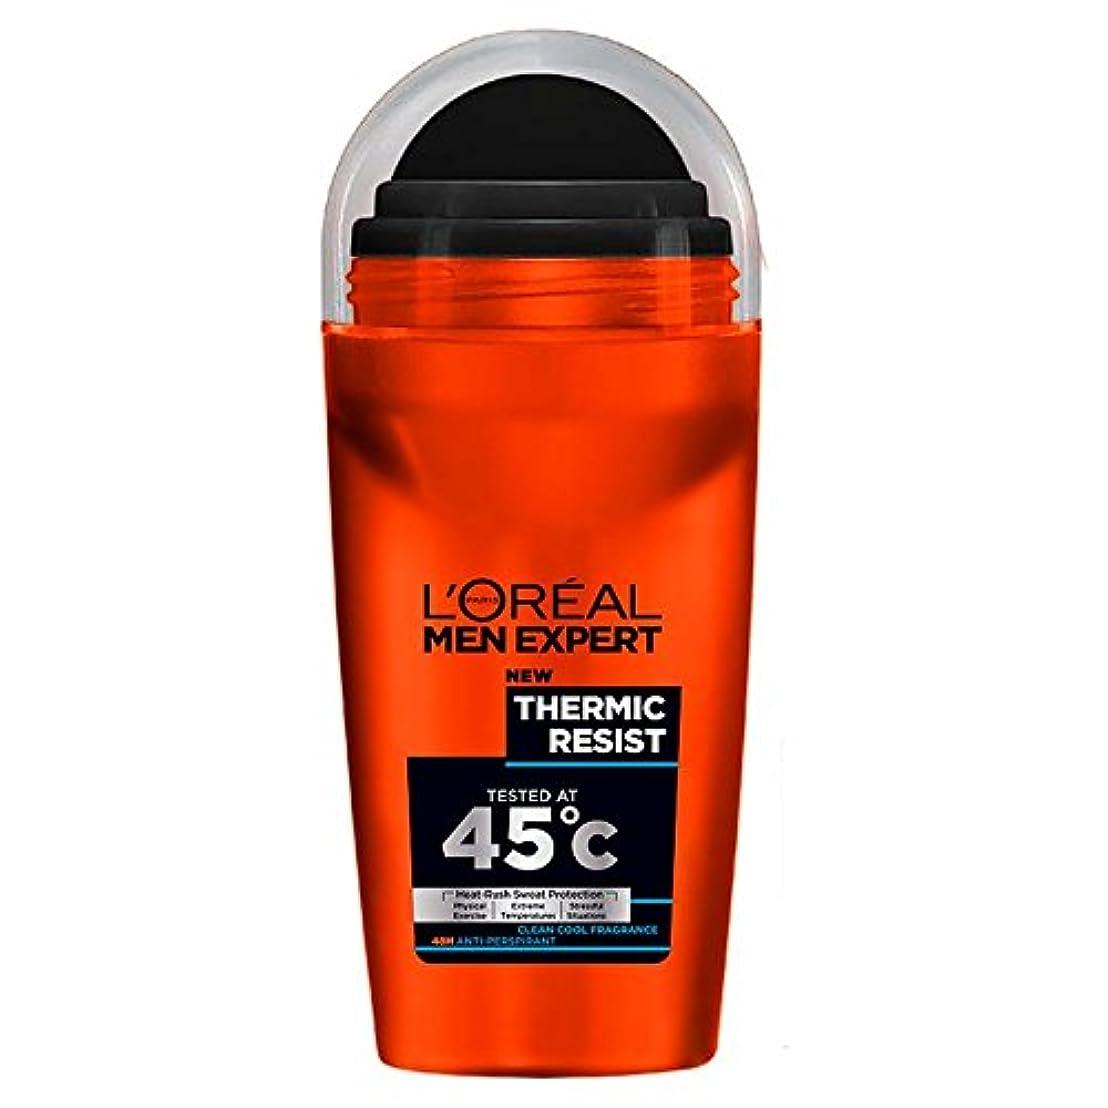 抵抗誰でもエジプトL'Oreal Paris Men Expert Deodorant Roll-On - Thermic Resist (50ml) L'オラ?アルパリのメンズ専門デオドラントロールオン - サーミックにレジスト( 50...